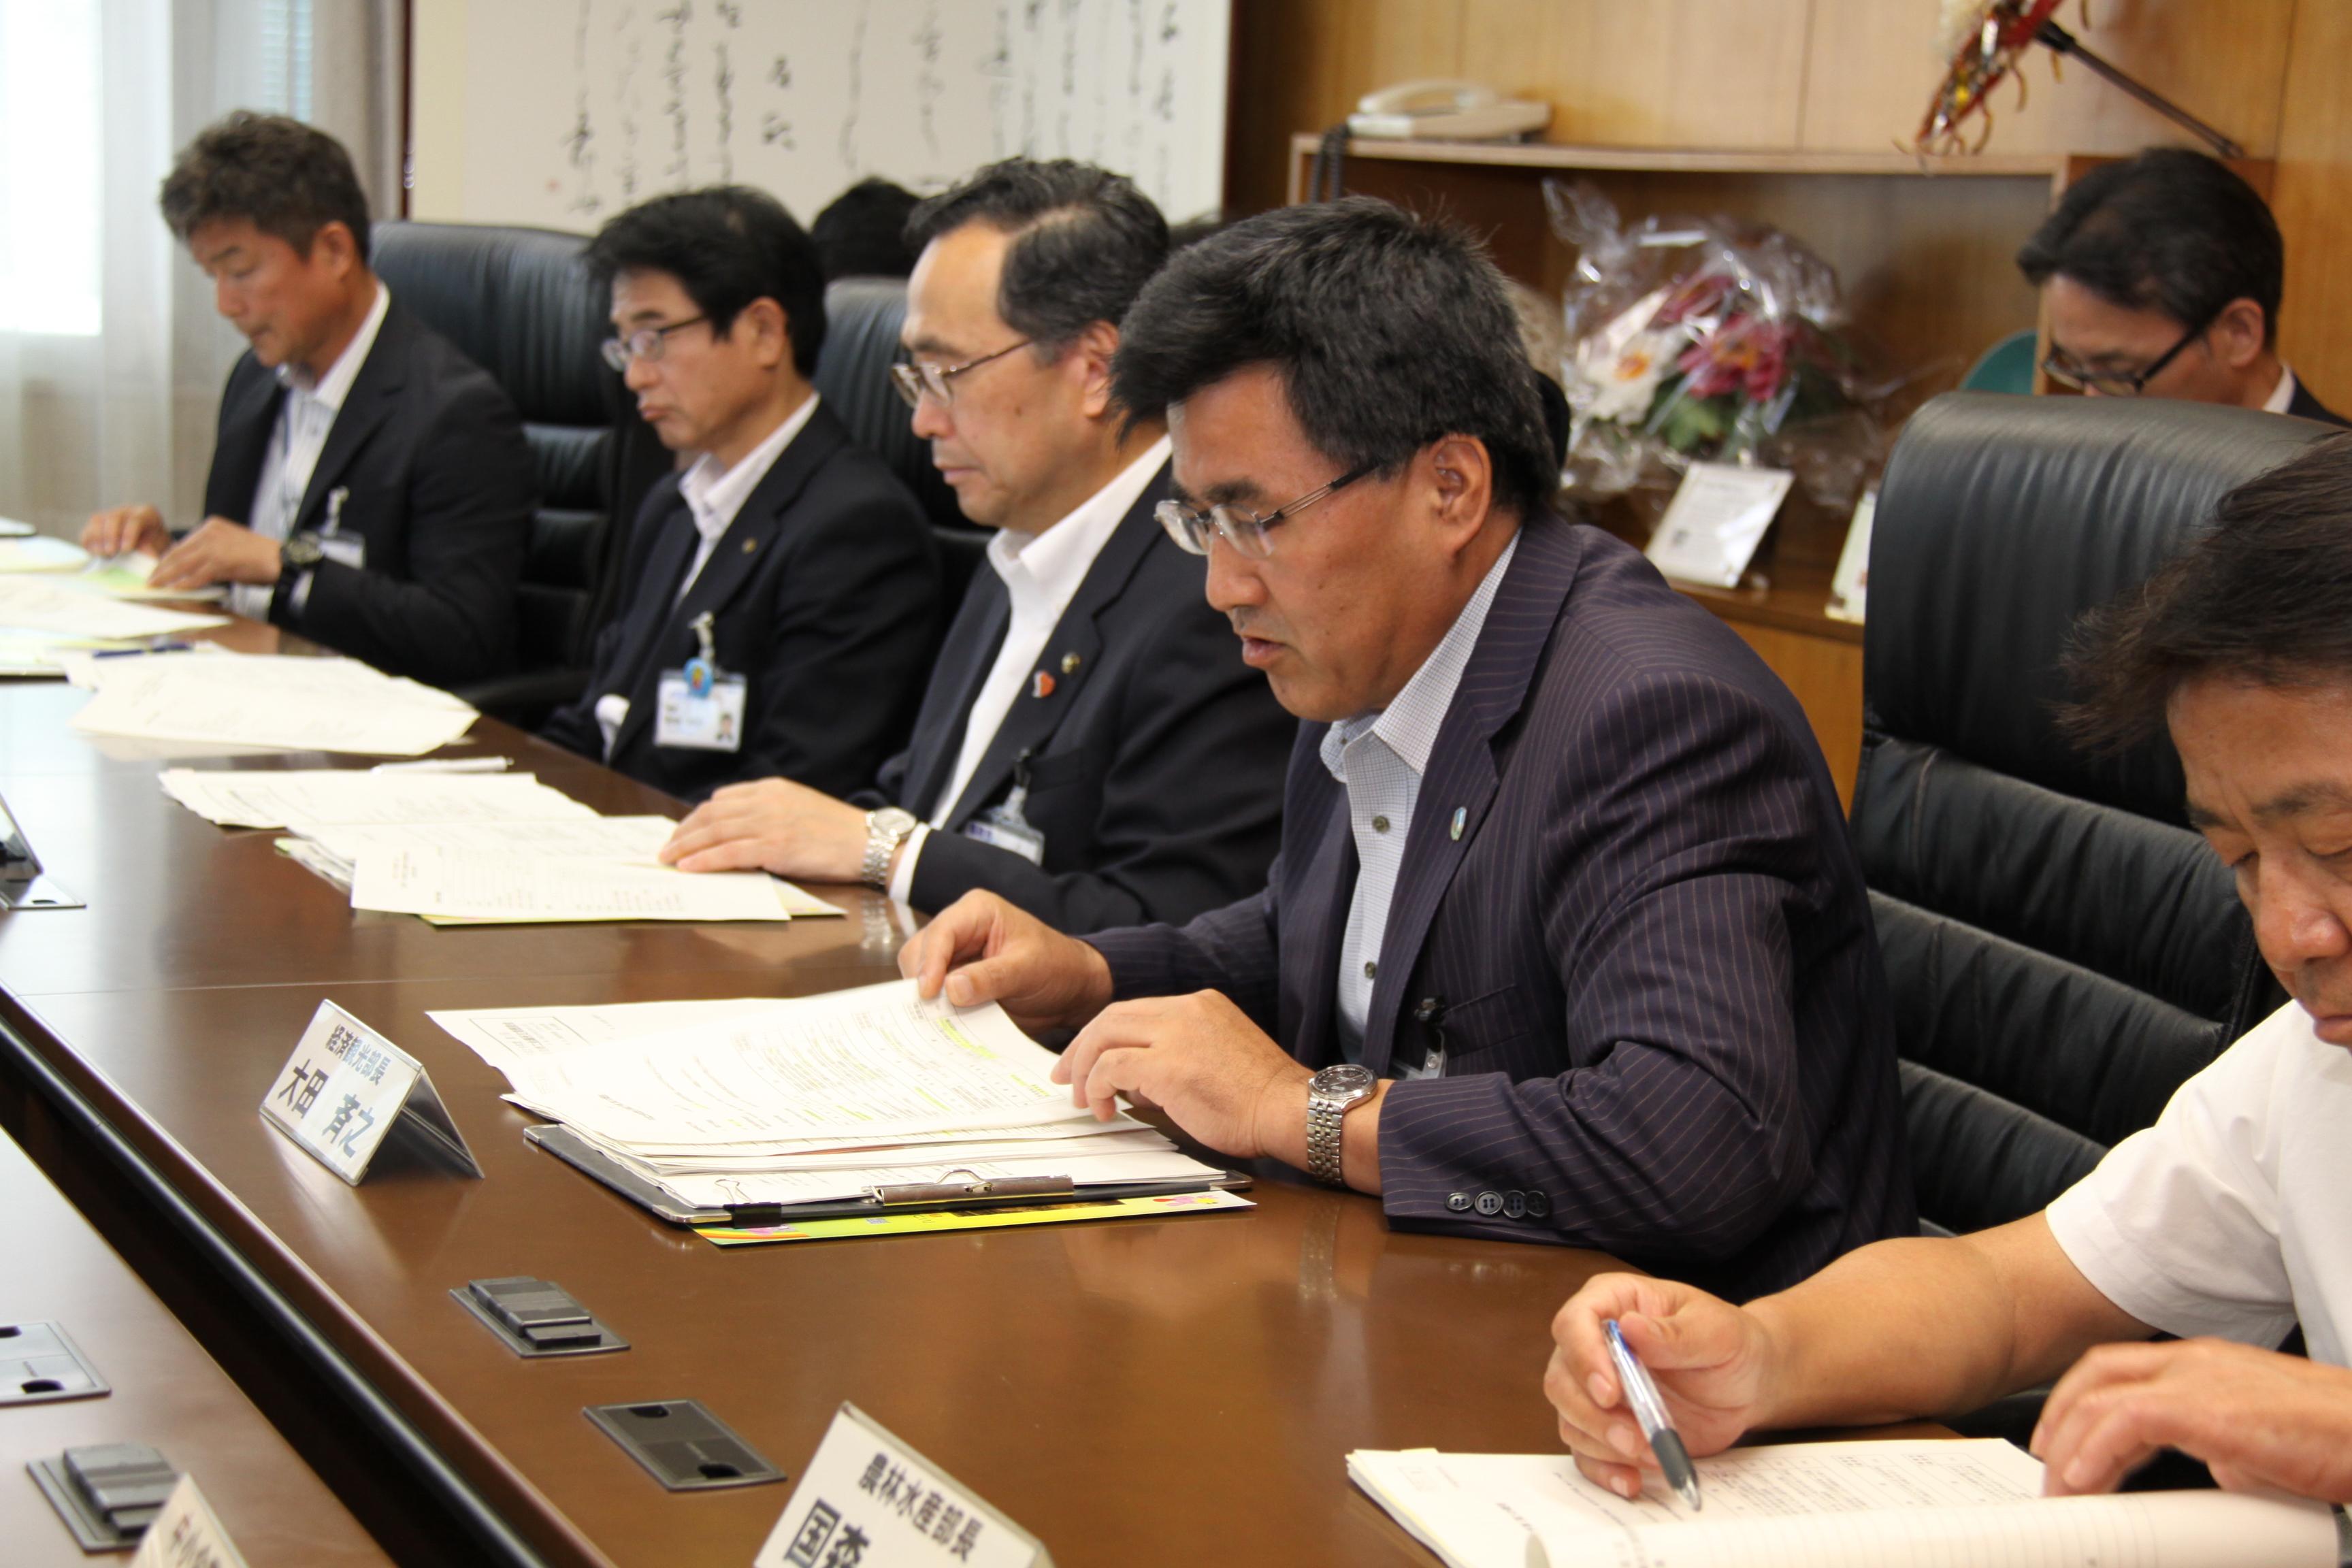 鳥取市と第1回定期懇談会を開催!   鳥取商工会議所